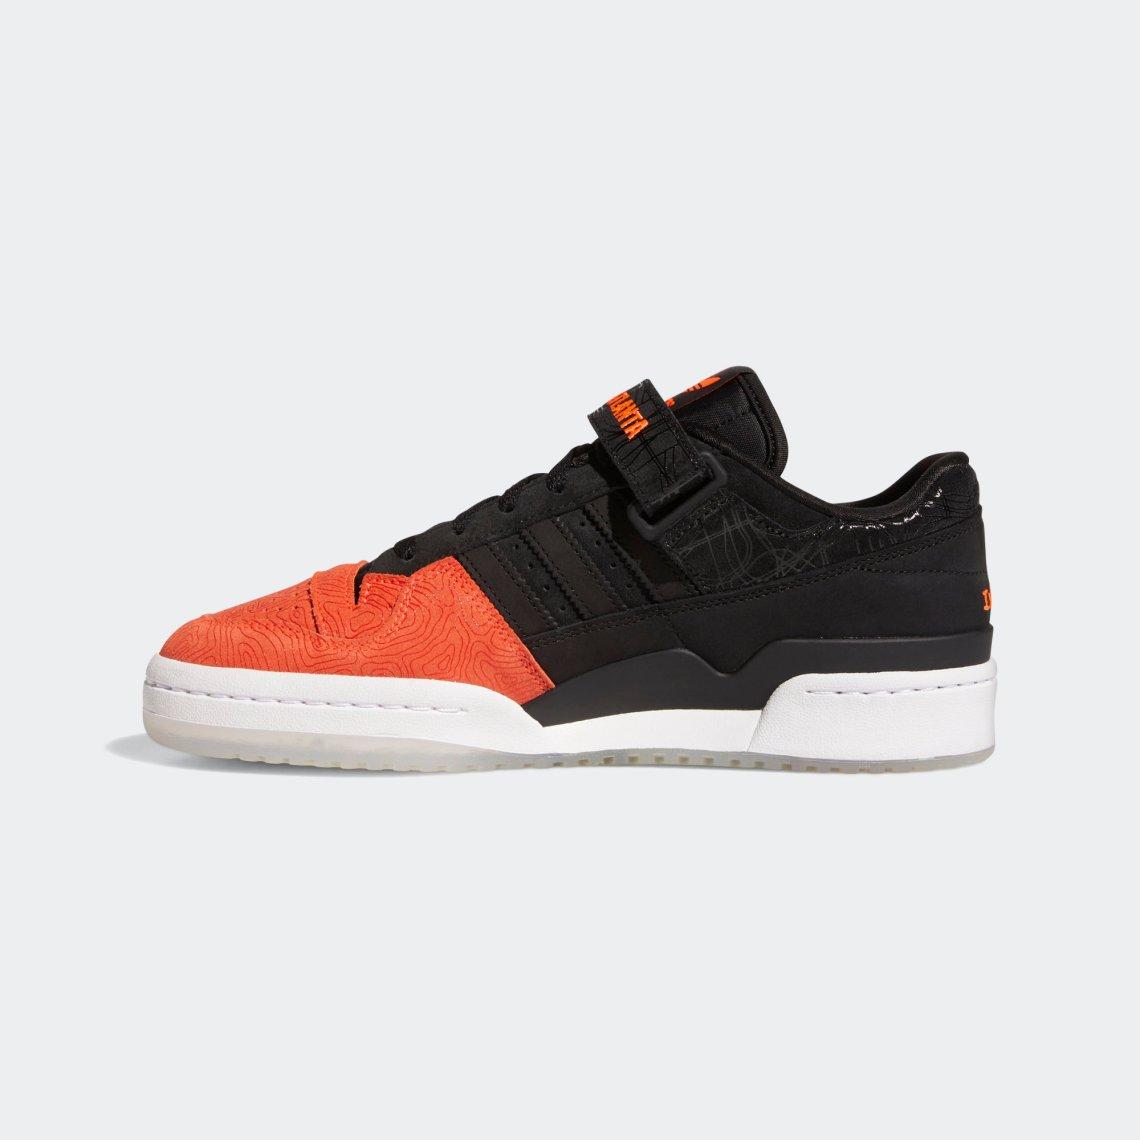 adidas forum lo l e a d atlanta core black core black vivid red GZ6604 7